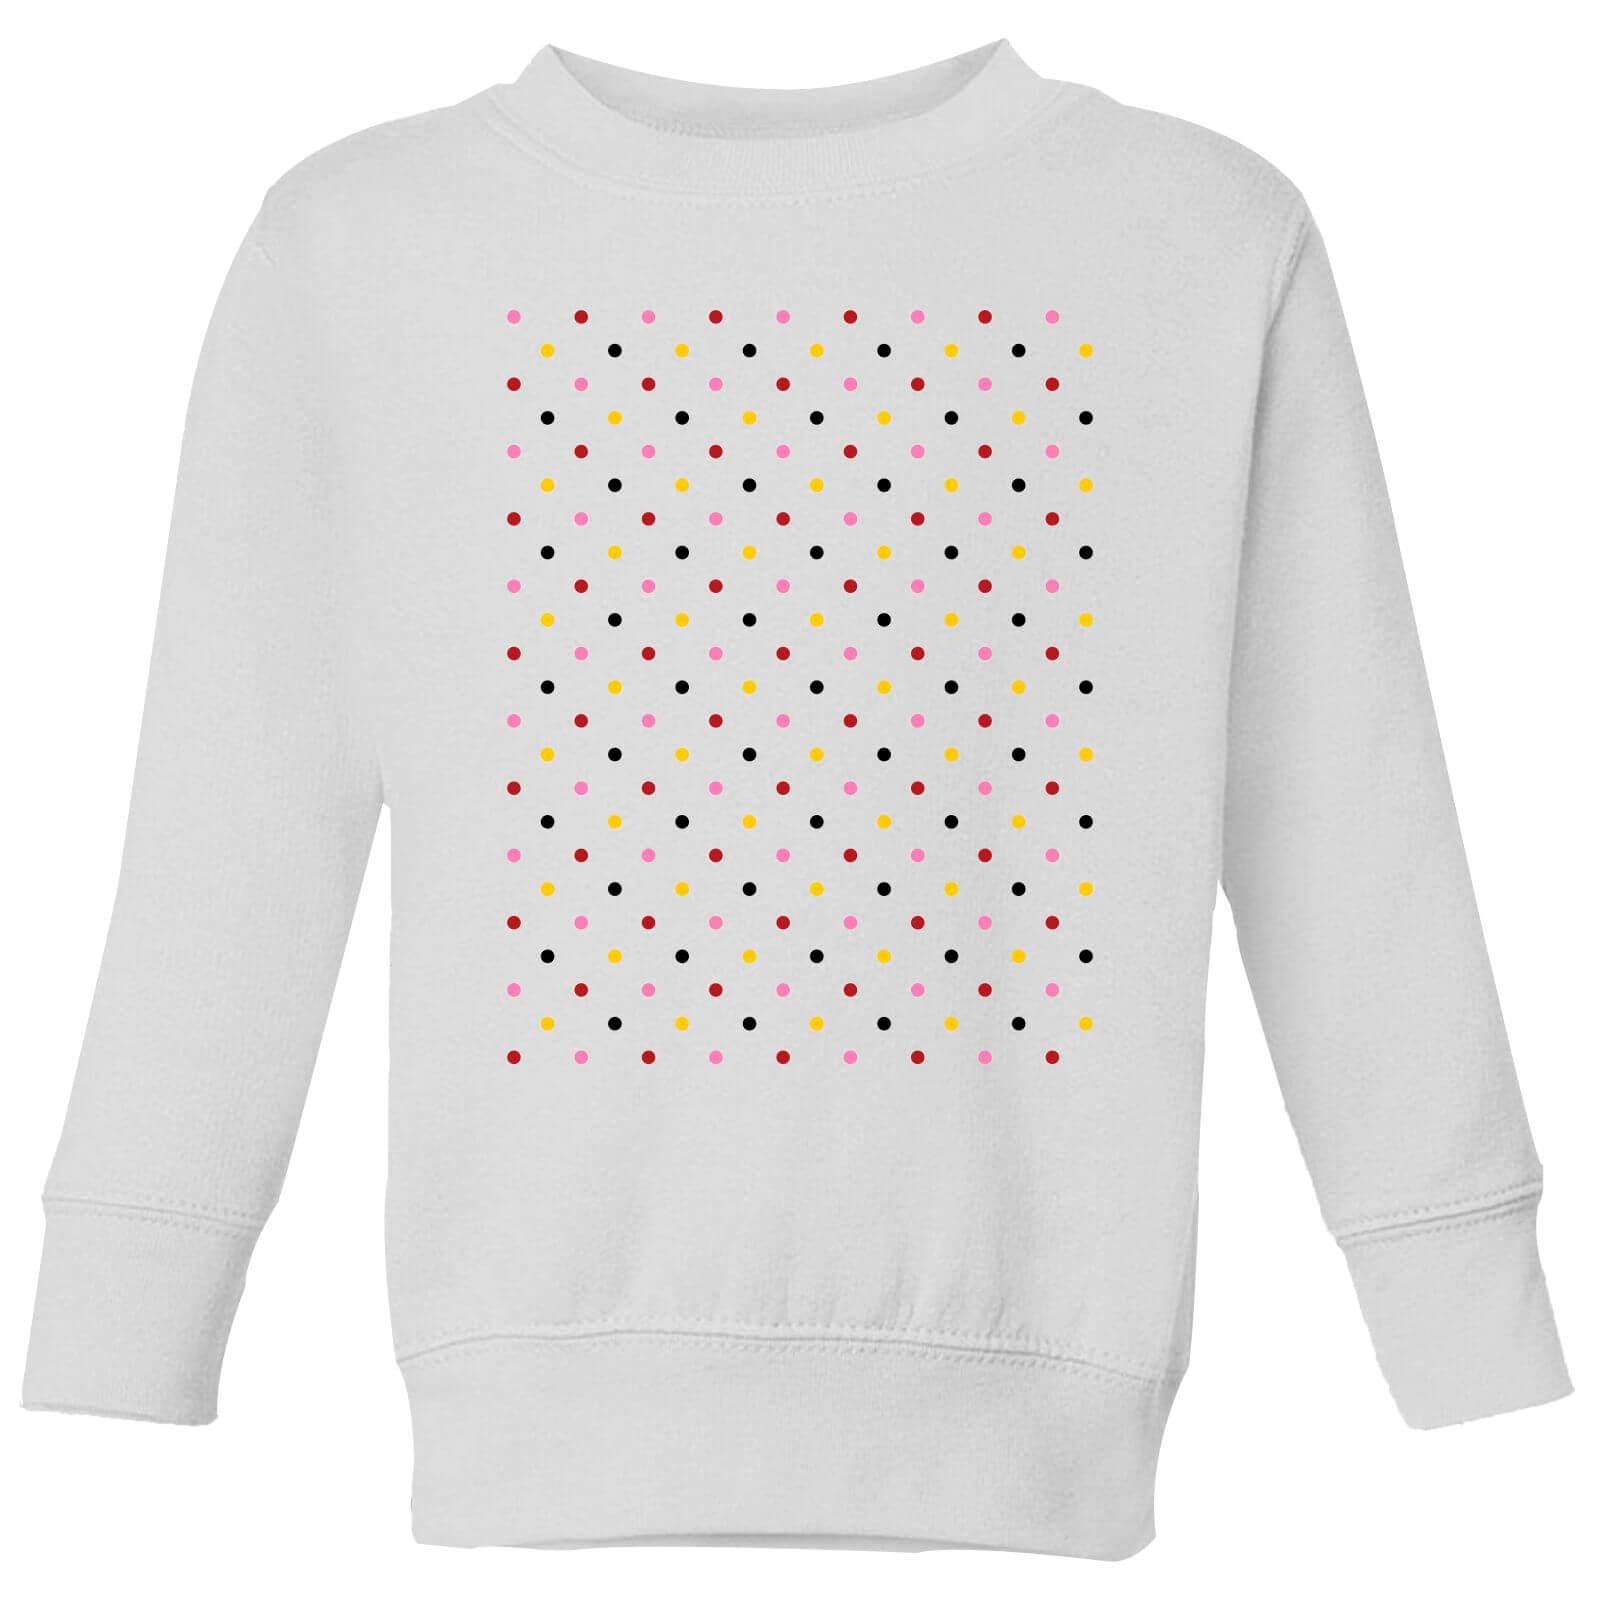 Summit Finish Grand Tour Dots Kids' Sweatshirt - White - 11-12 Jahre - Weiß